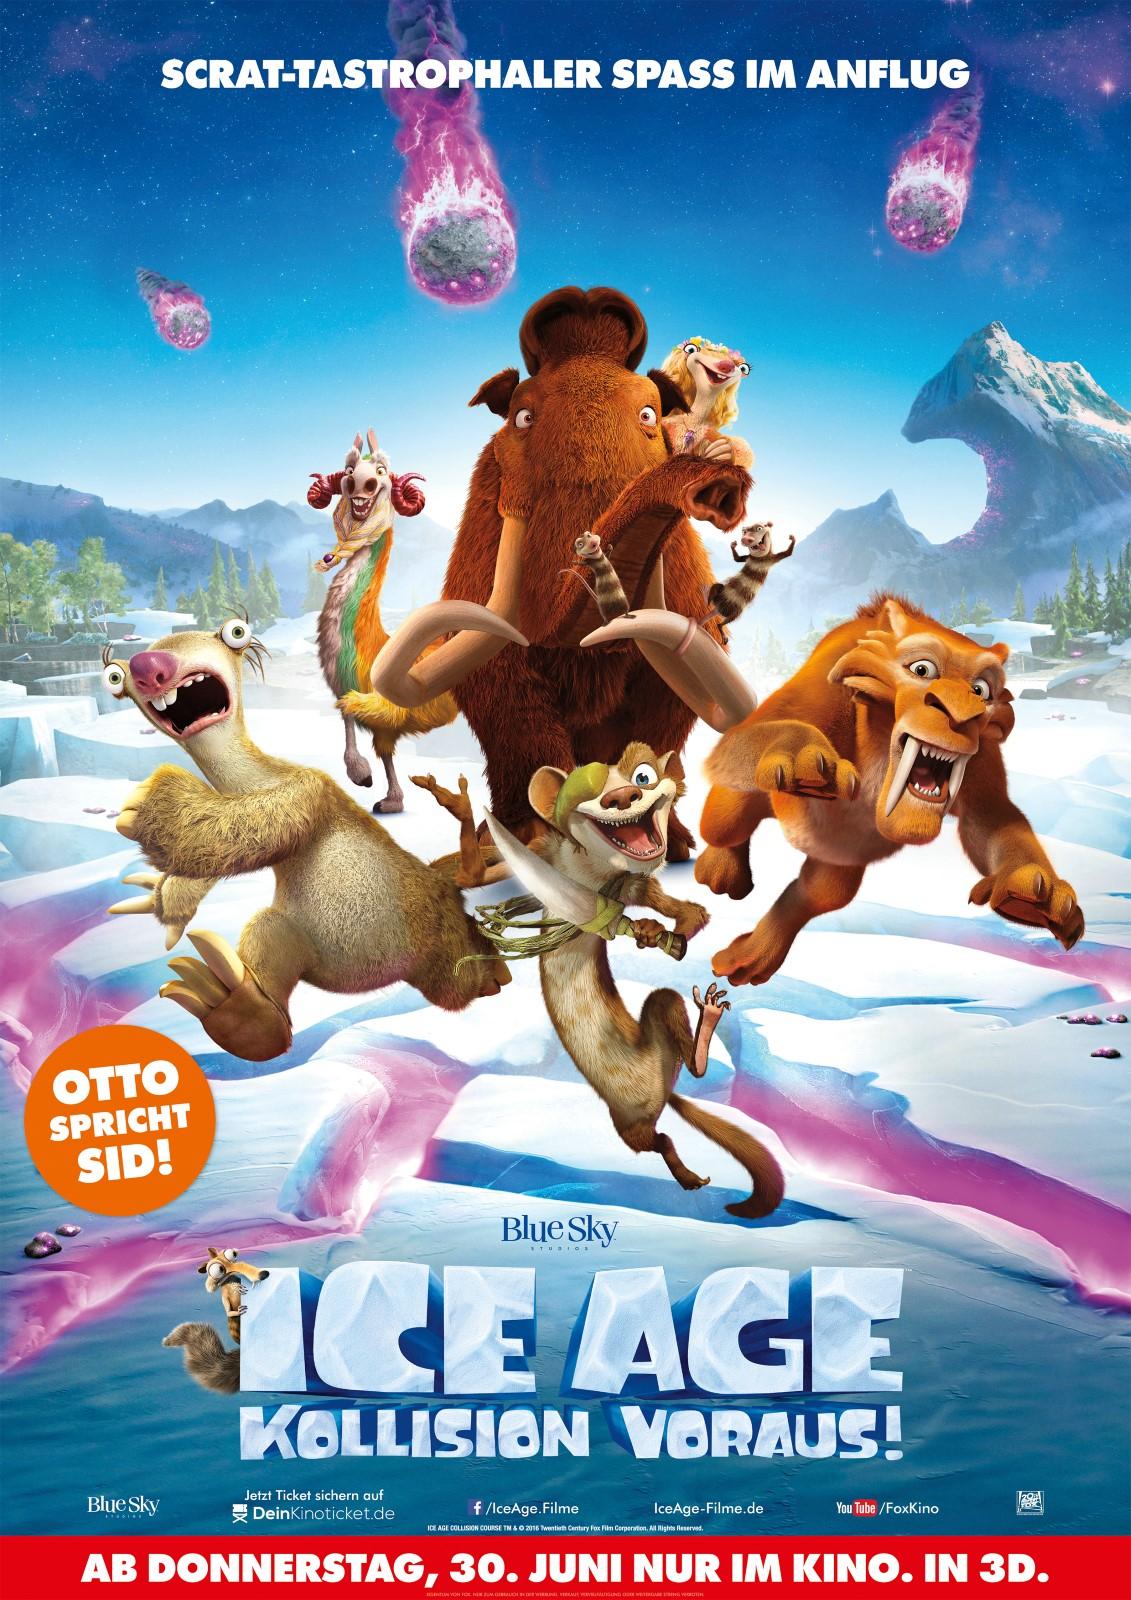 [MediaMarkt] Ice Age 5 - Kollision voraus! DVD 7€ (bundesweit?) ab 10.11. - Tipp für Nikolaus...